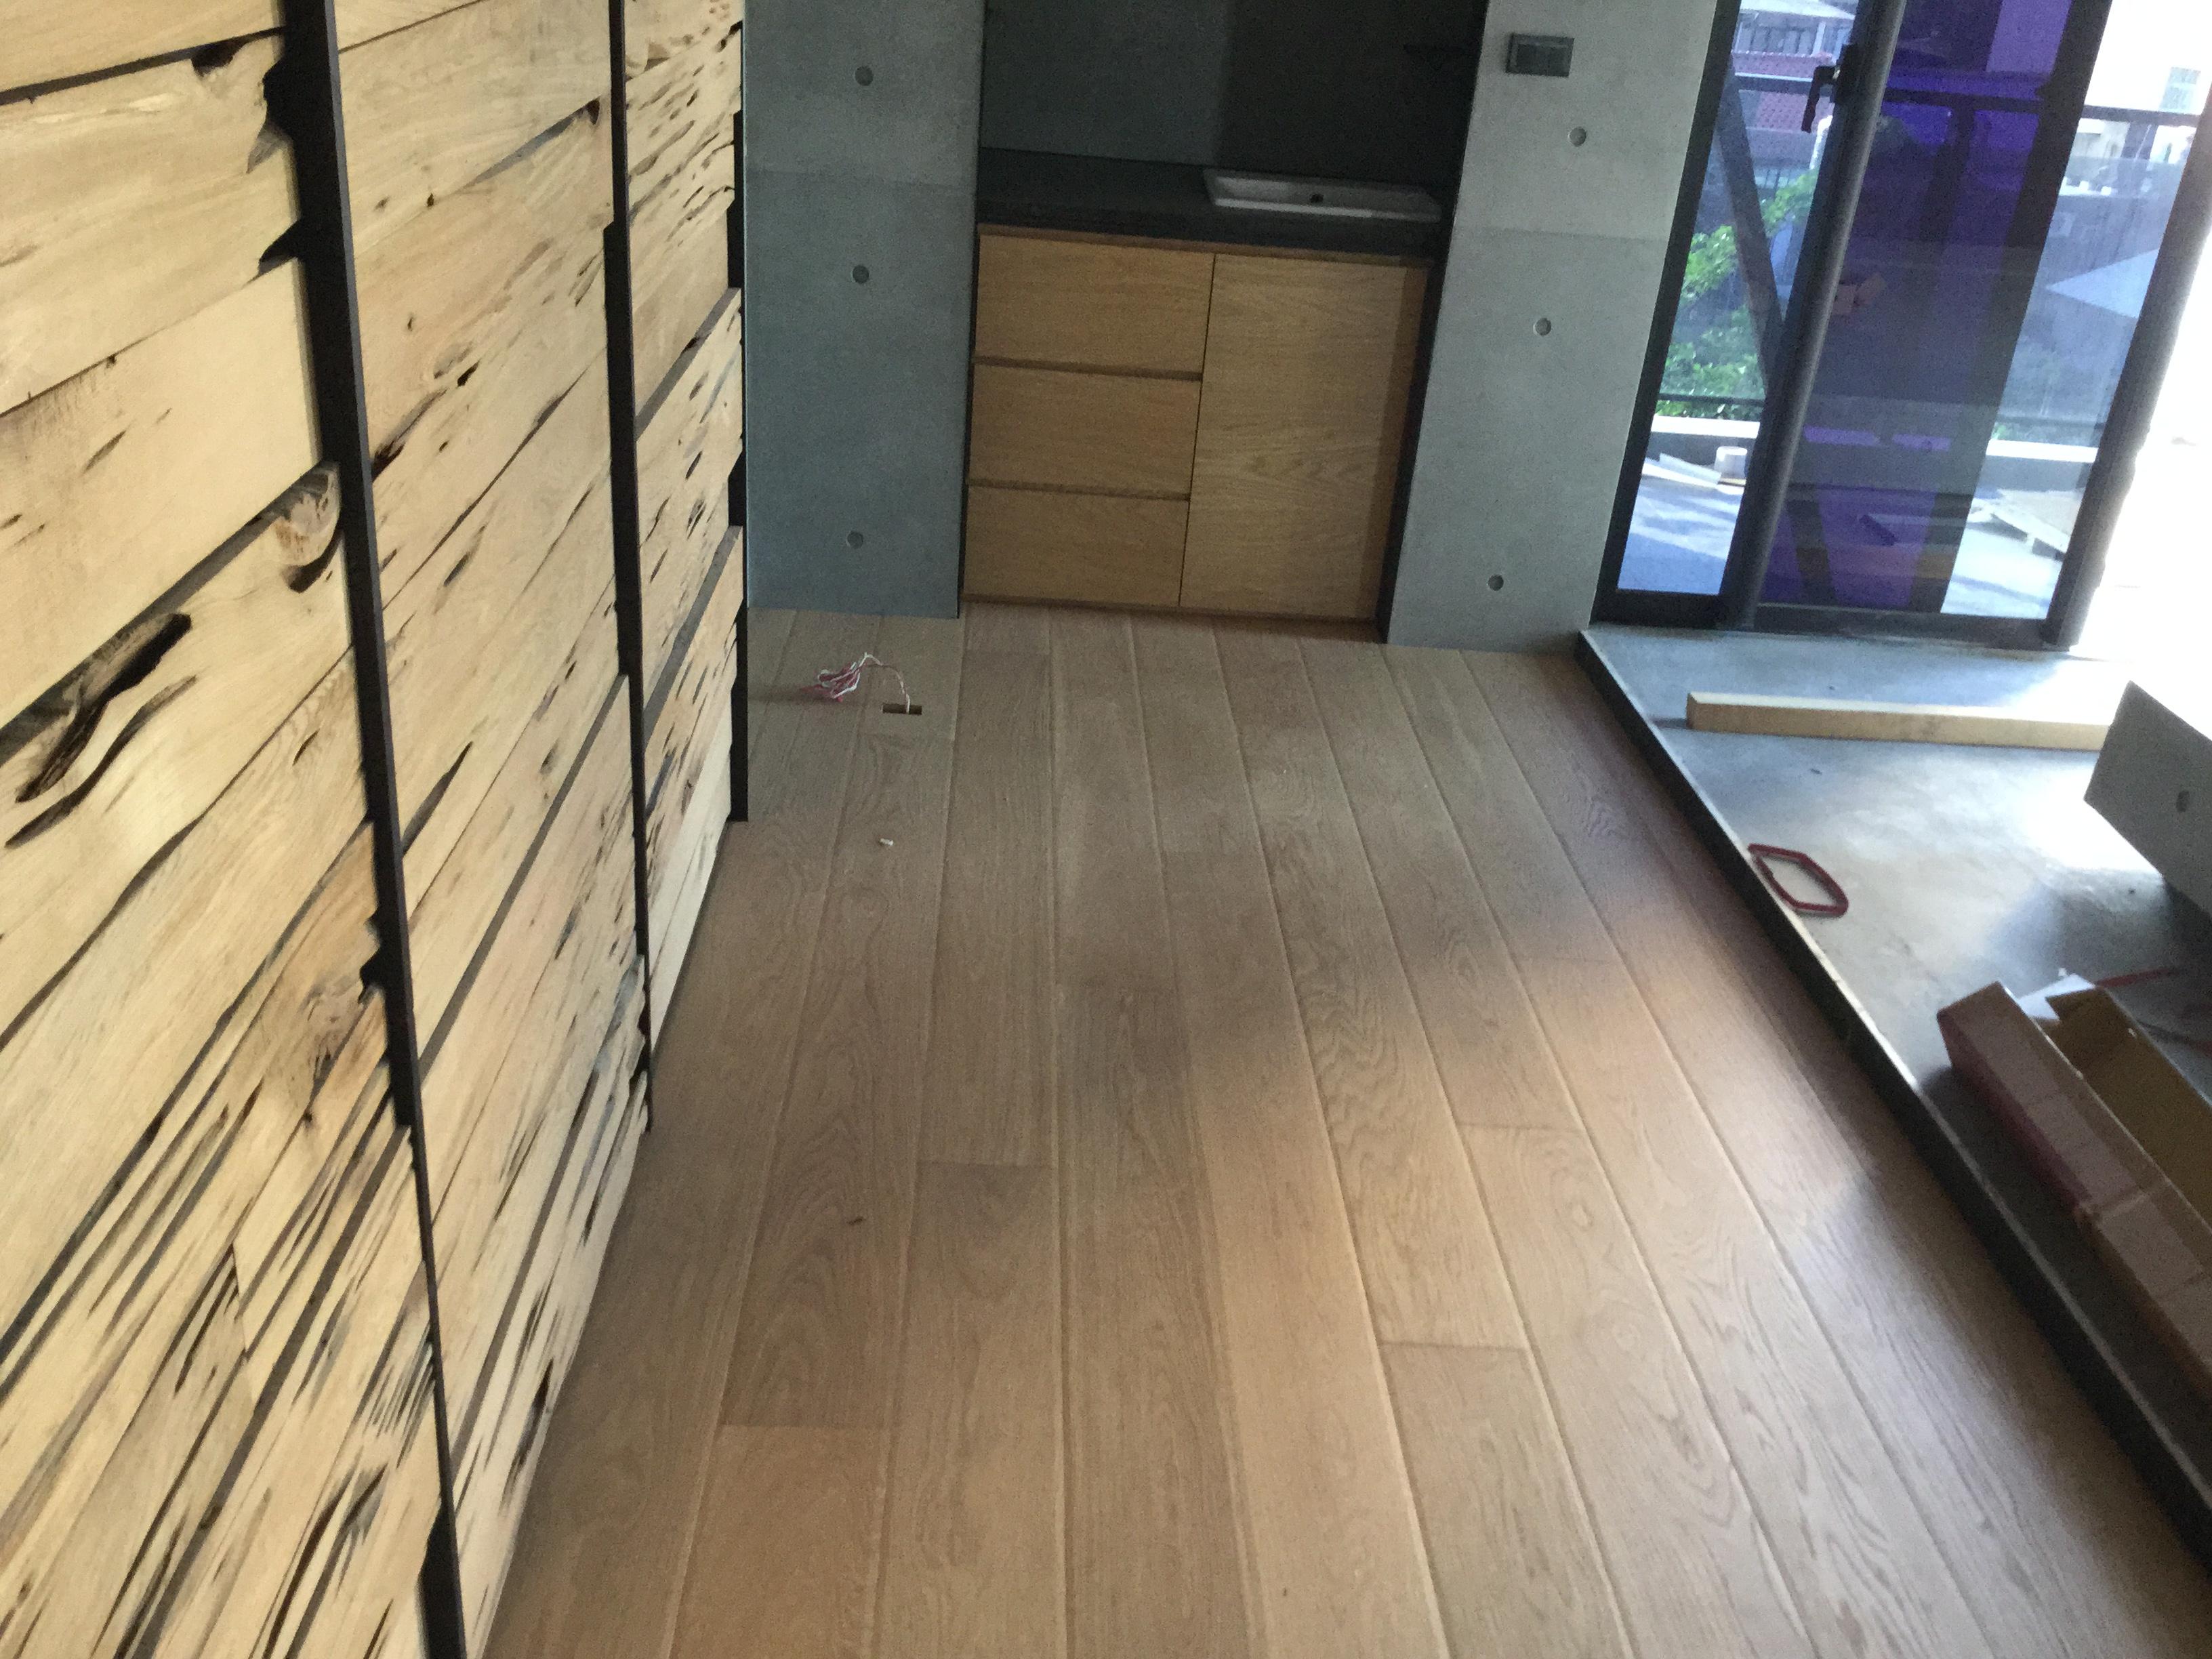 新原古-北美橡木海島複合地板(大倒角./浮雕)